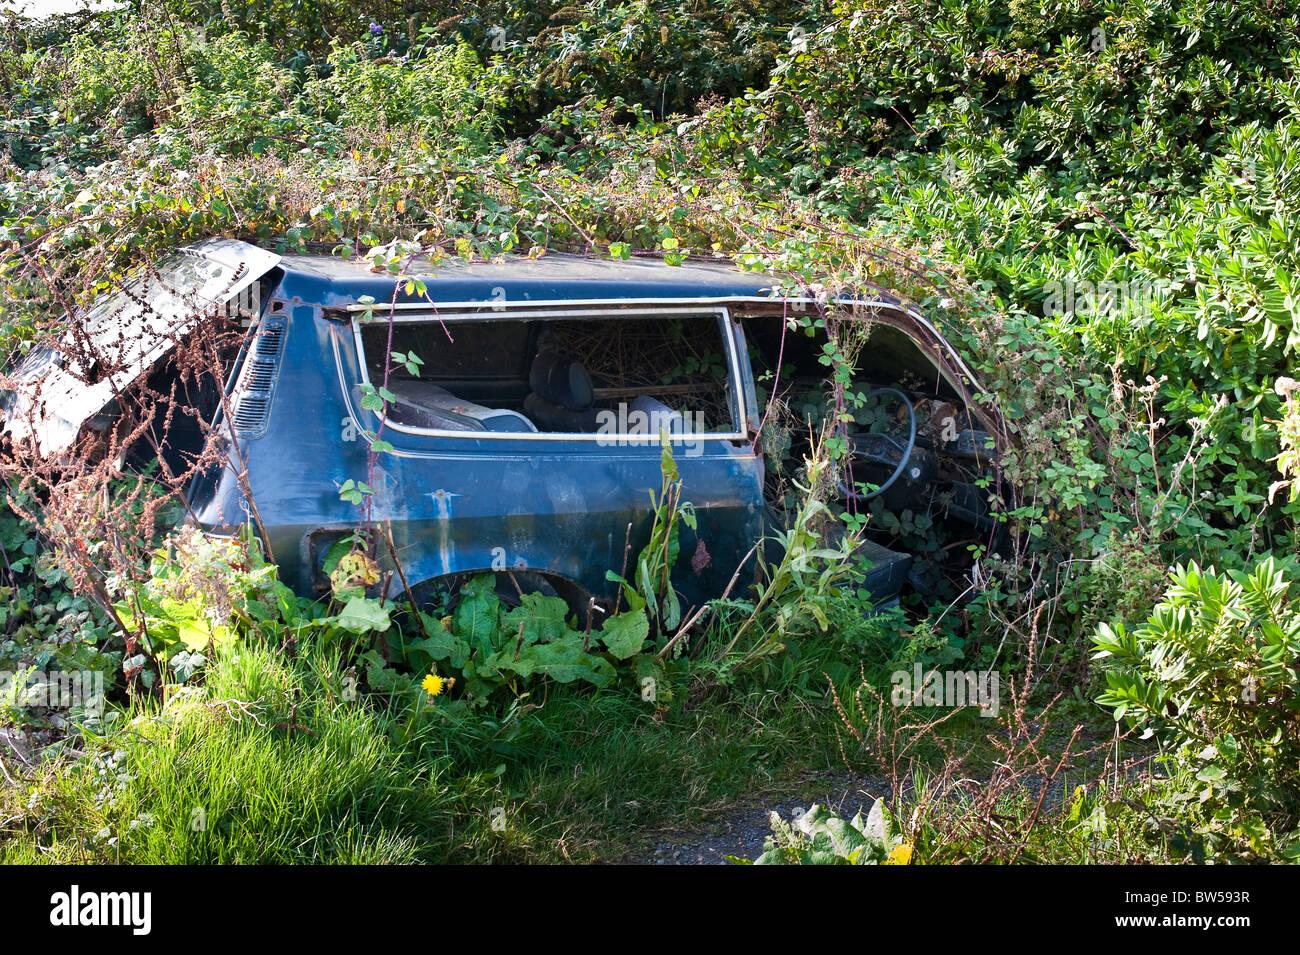 Abbandonato incolto Austin Allegro auto in Condino Devon UK Immagini Stock